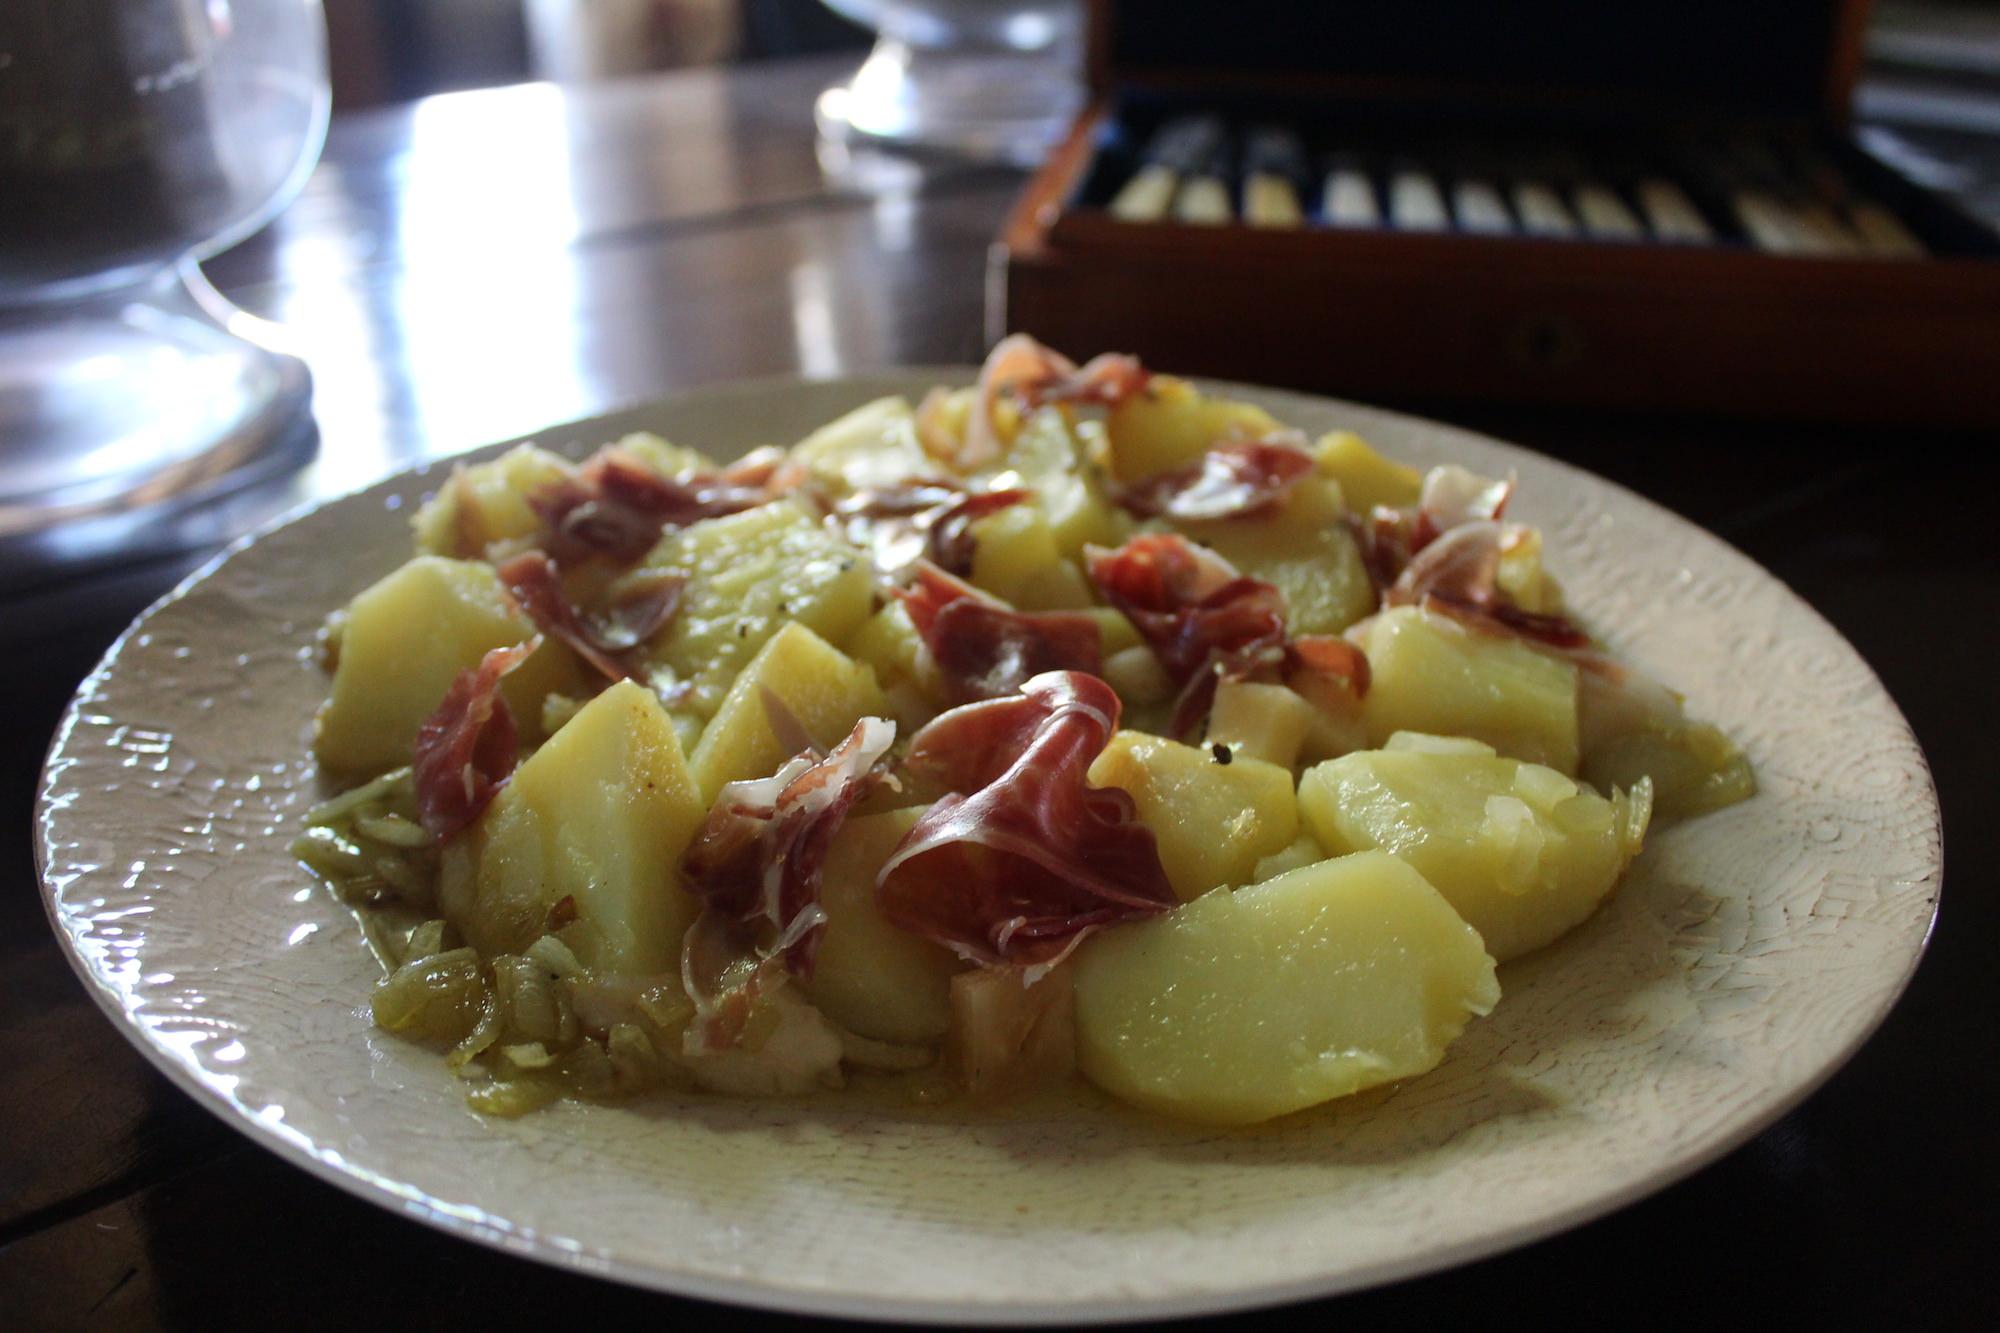 Ensalada de patatas, jamón y queso.